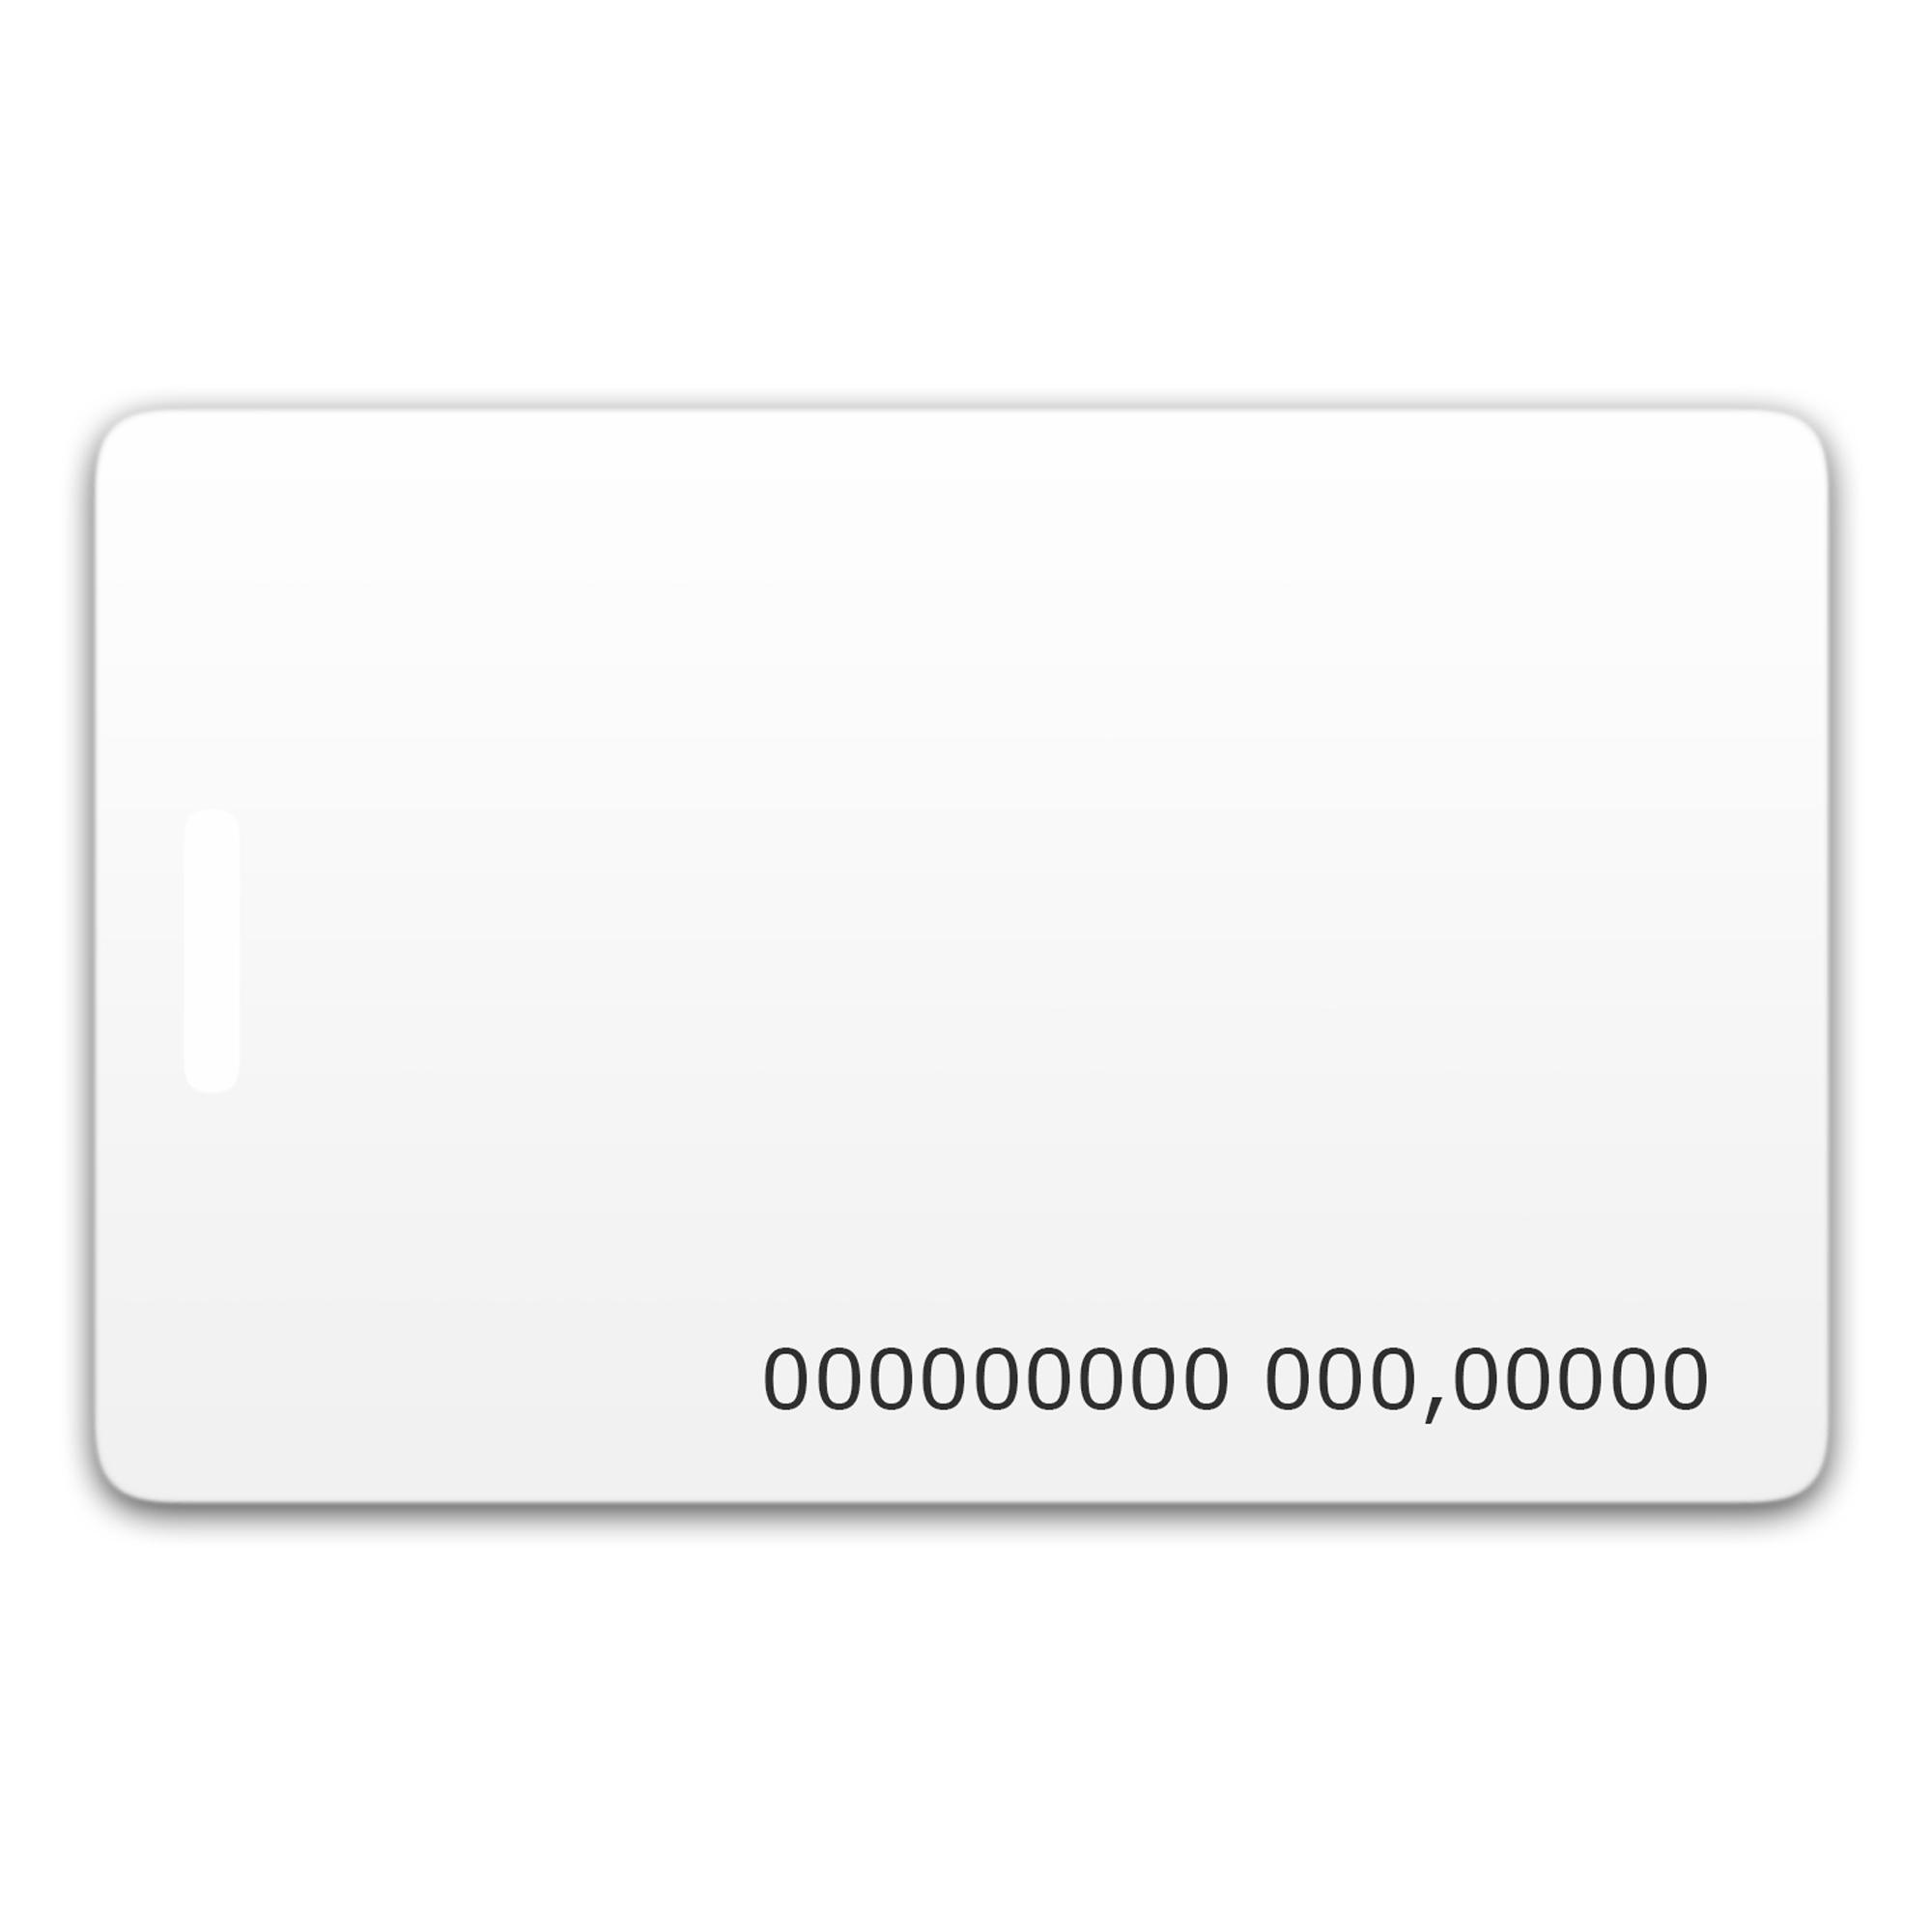 Chip-UA | Бесконтактная пластиковая RFID-карта с номером с чипом Mifare 1K